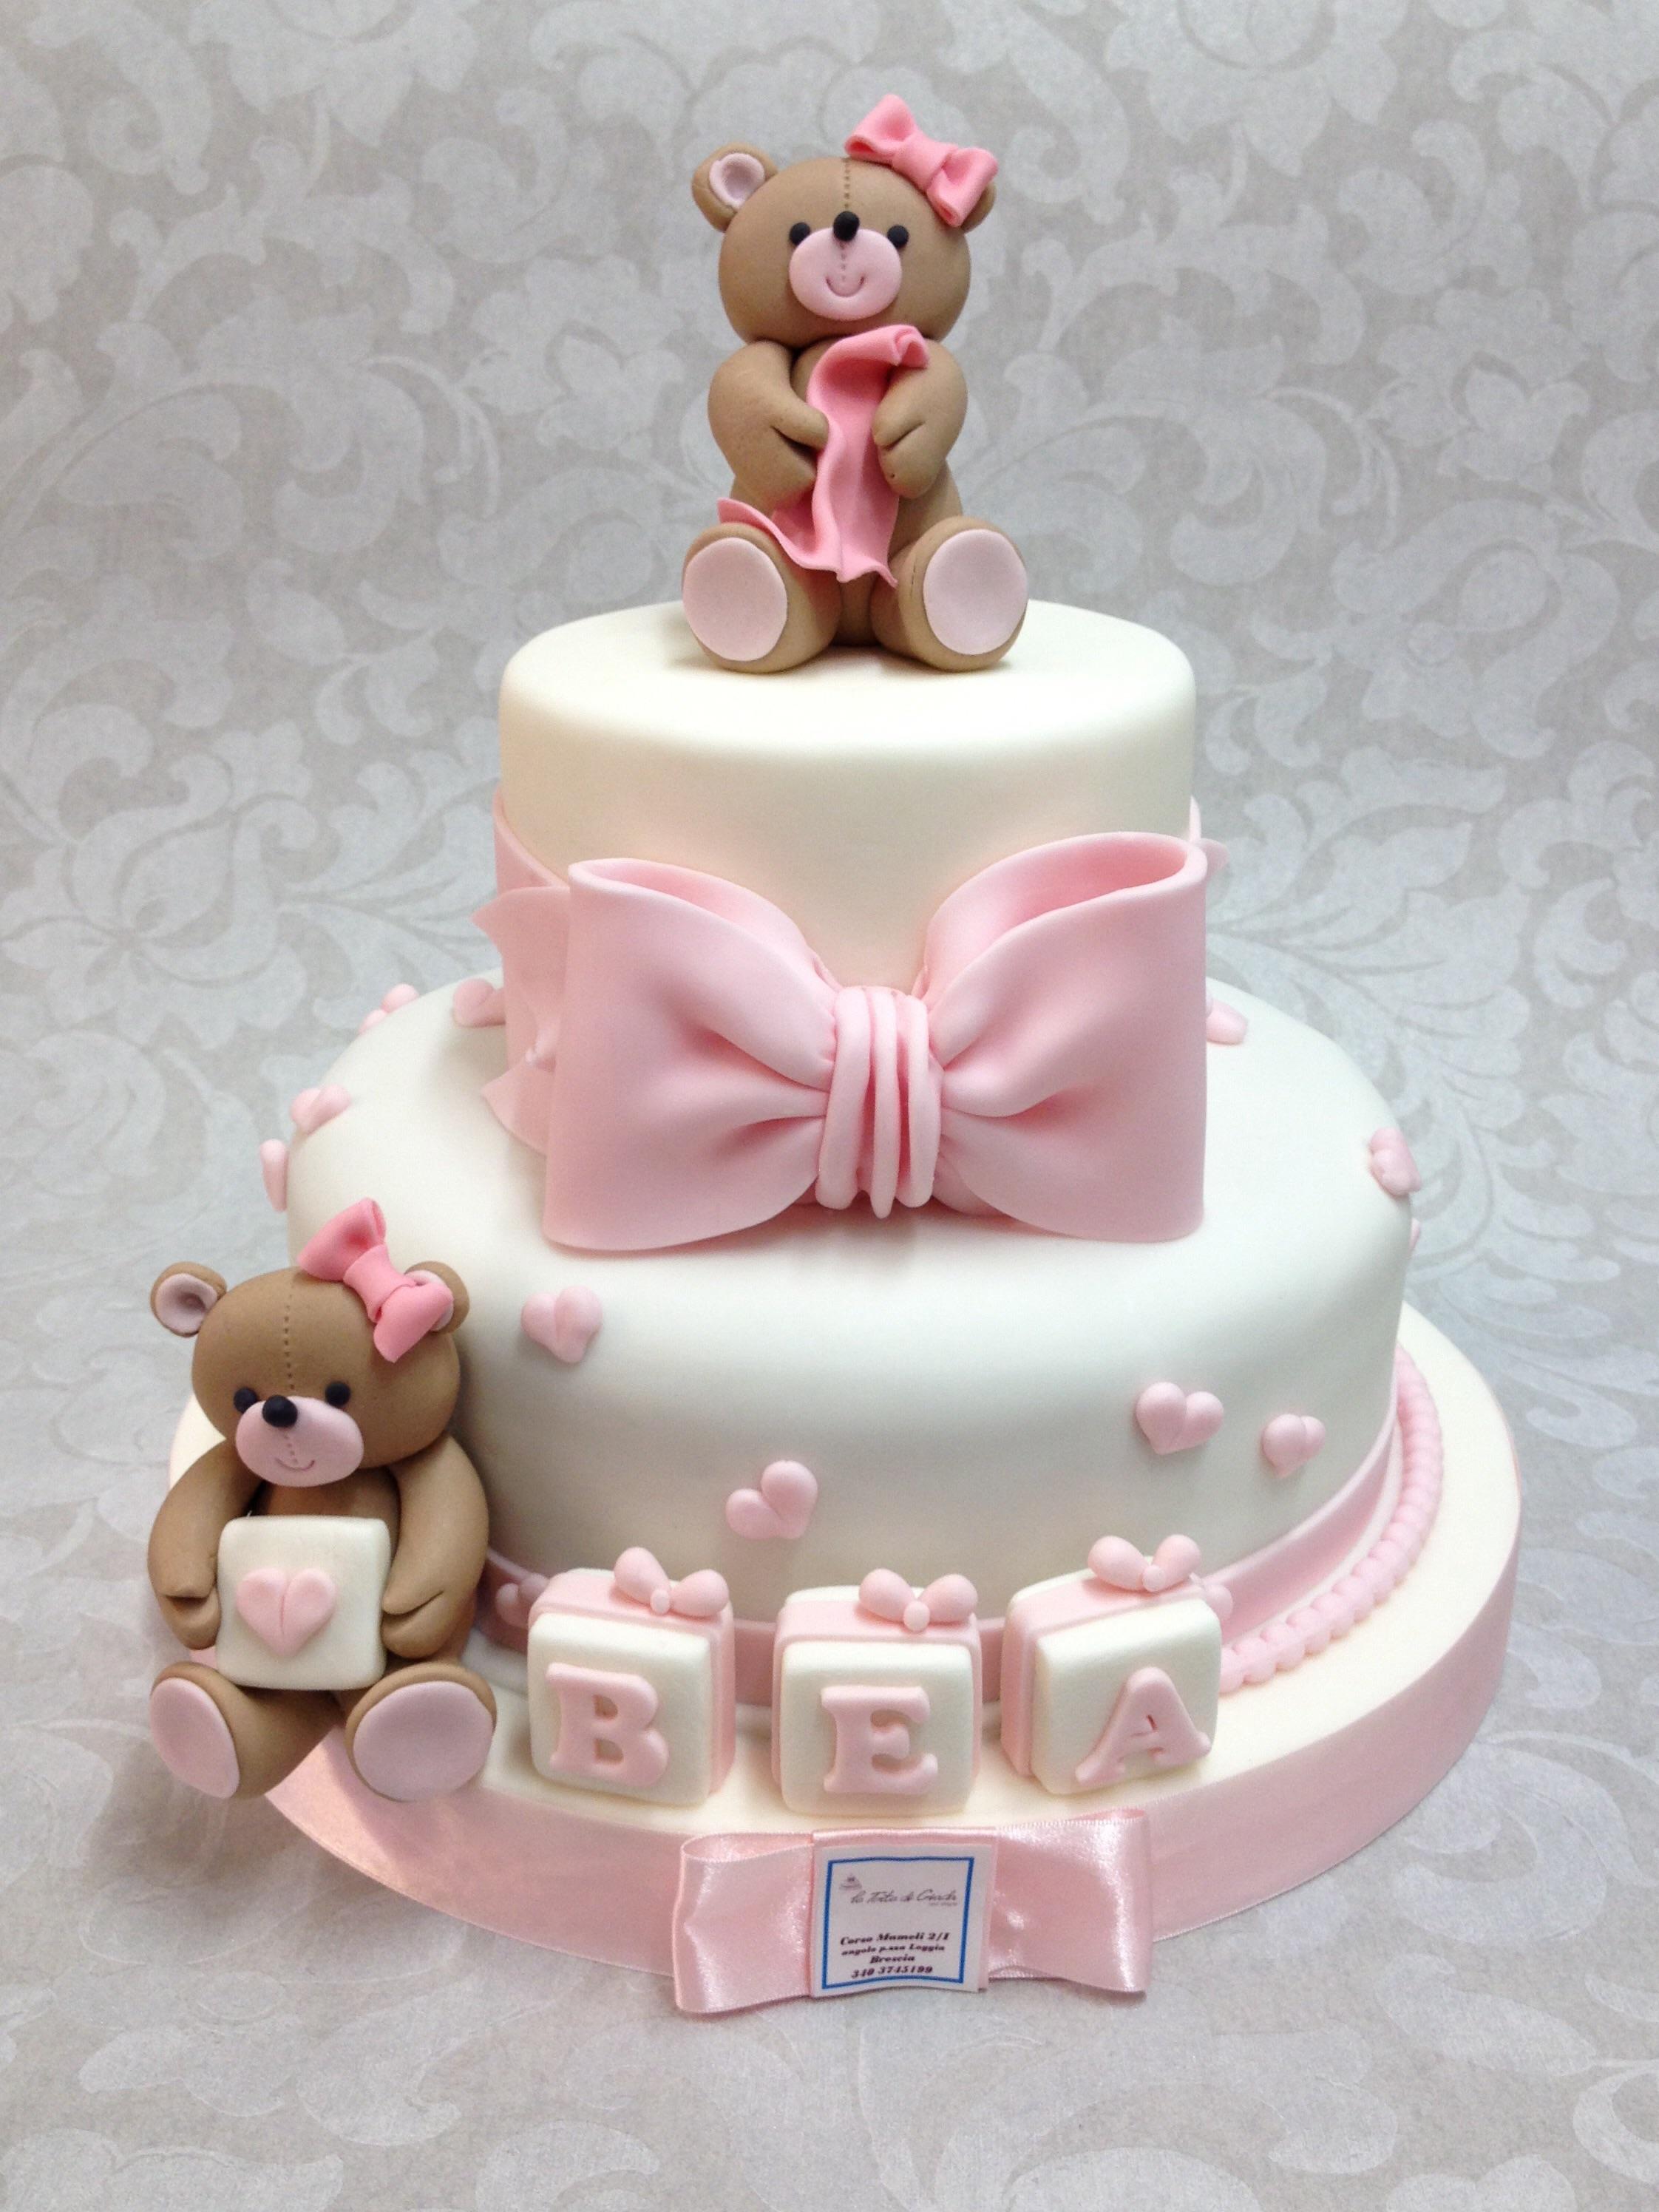 Image le torte di giada - Accessori per cake design ...